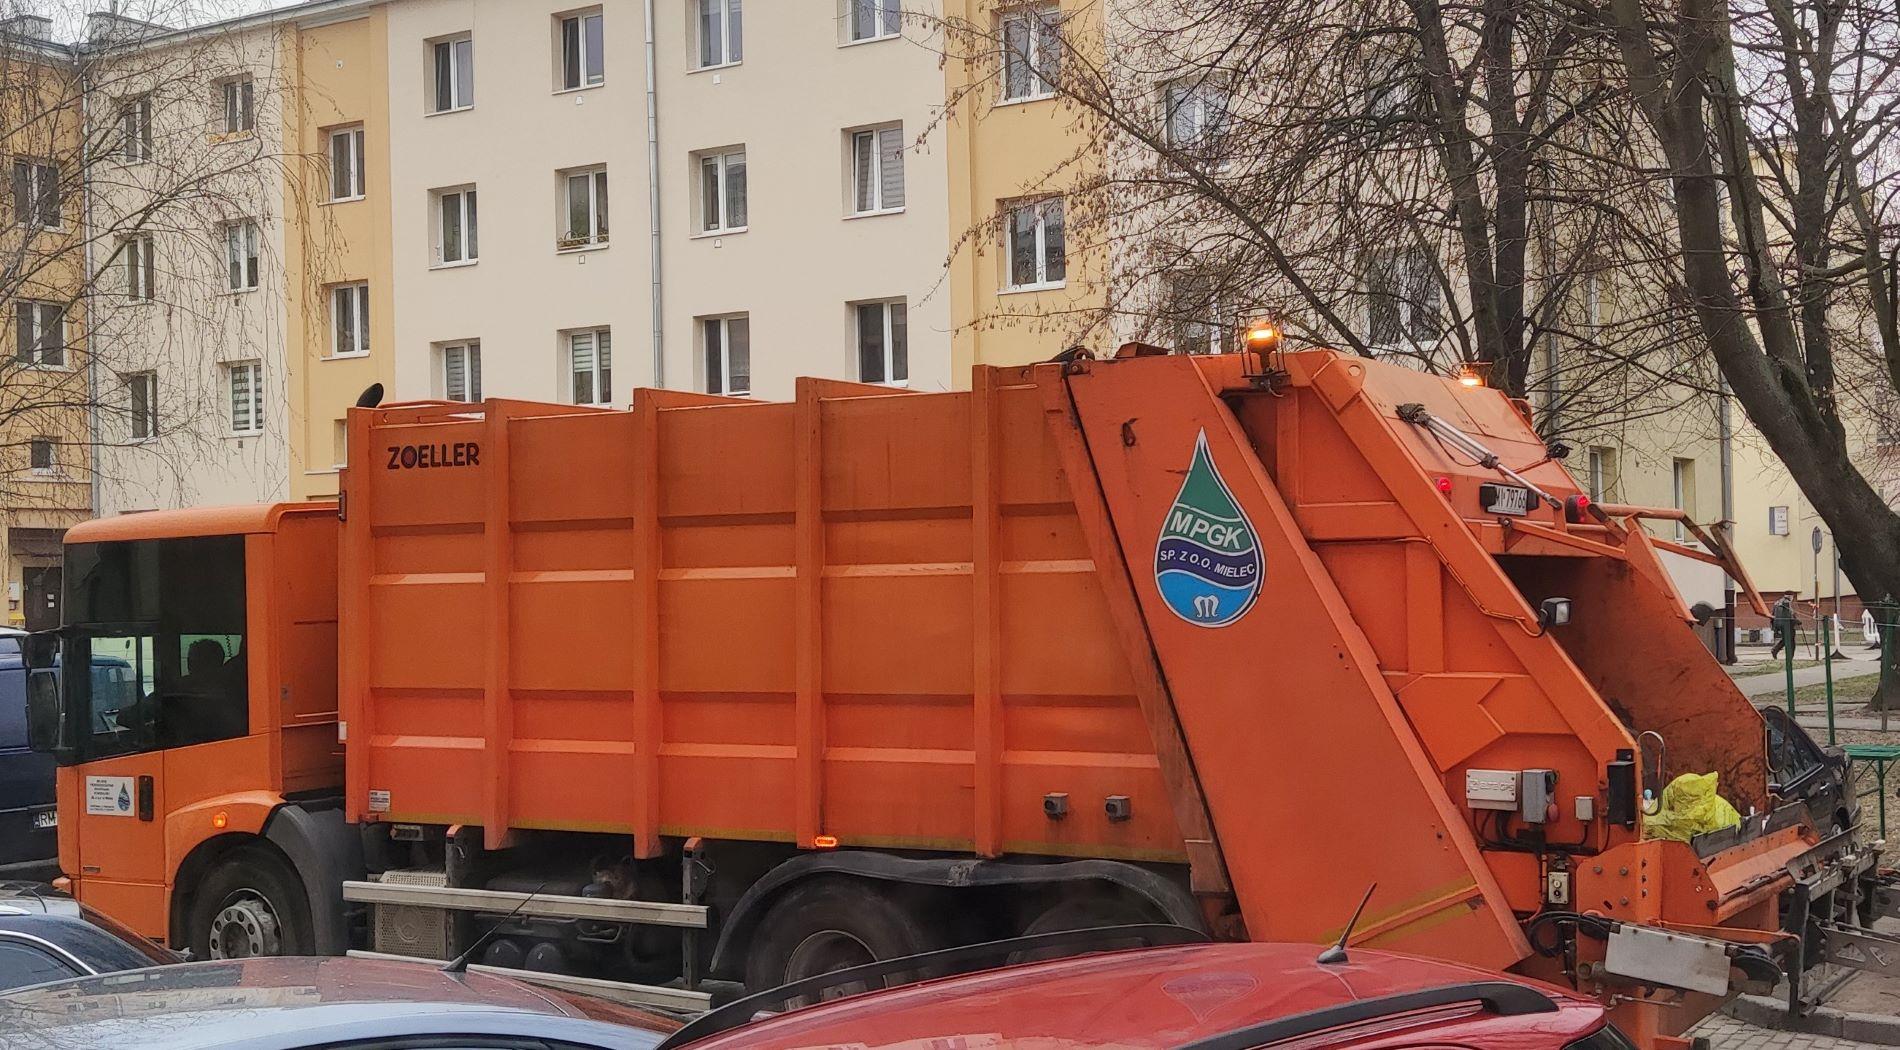 Jest wyczekiwana decyzja w sprawie przetargu na odbiór śmieci w Mielcu - Zdjęcie główne